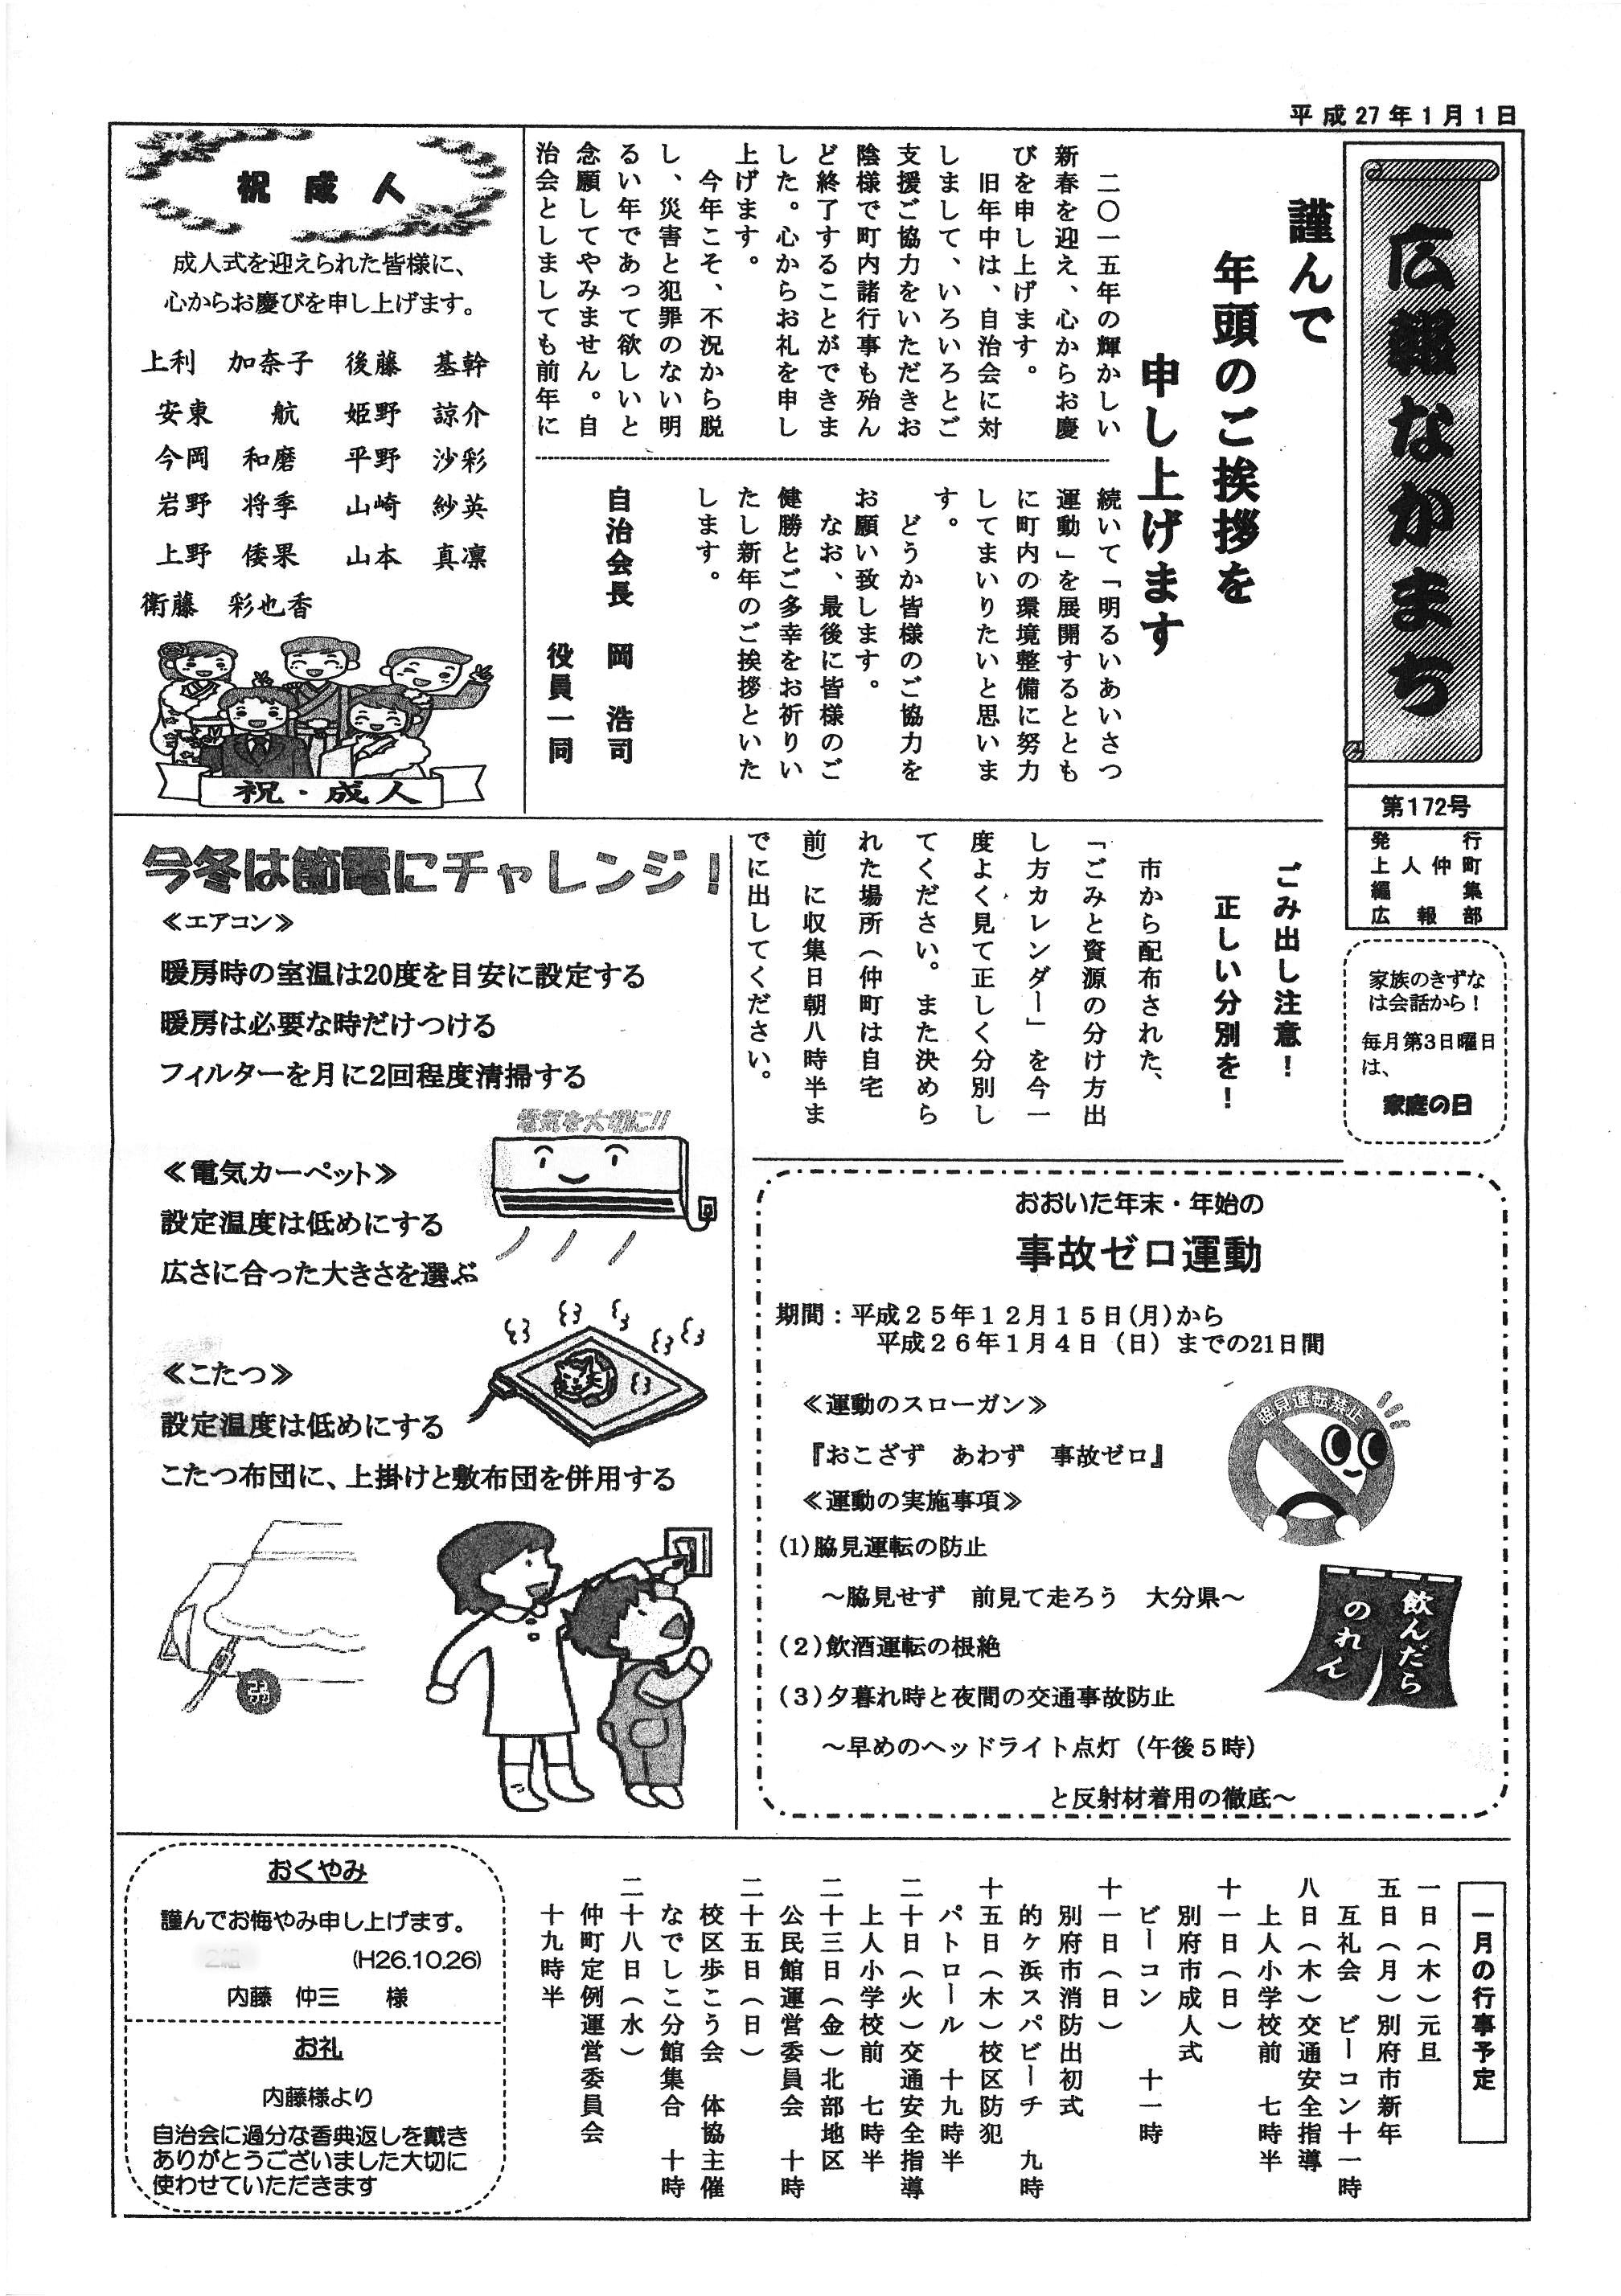 kohonamamachi2015_01